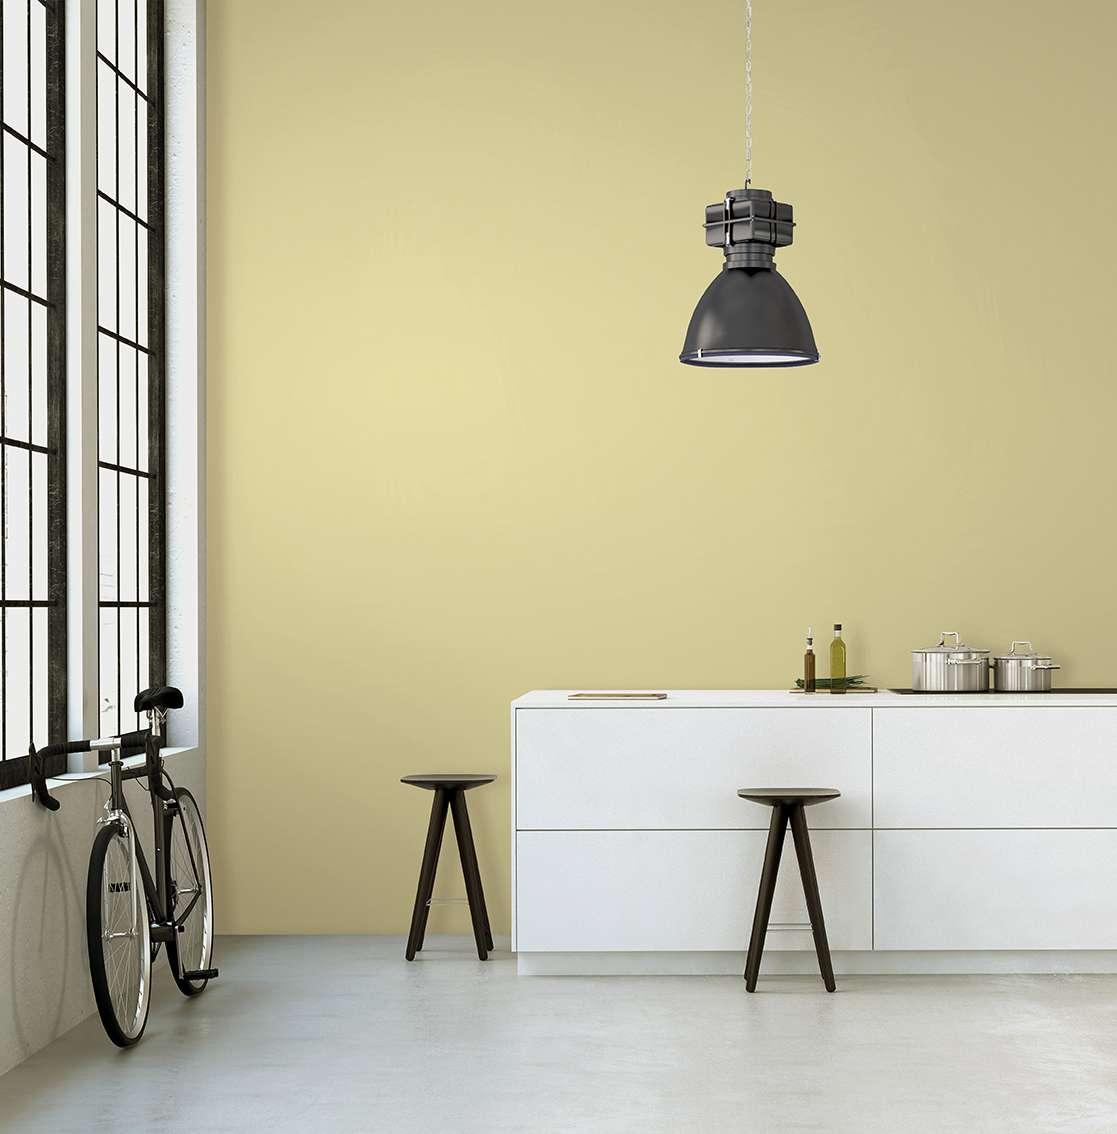 Màu vàng rêu cũng có thể coi là màu pastel